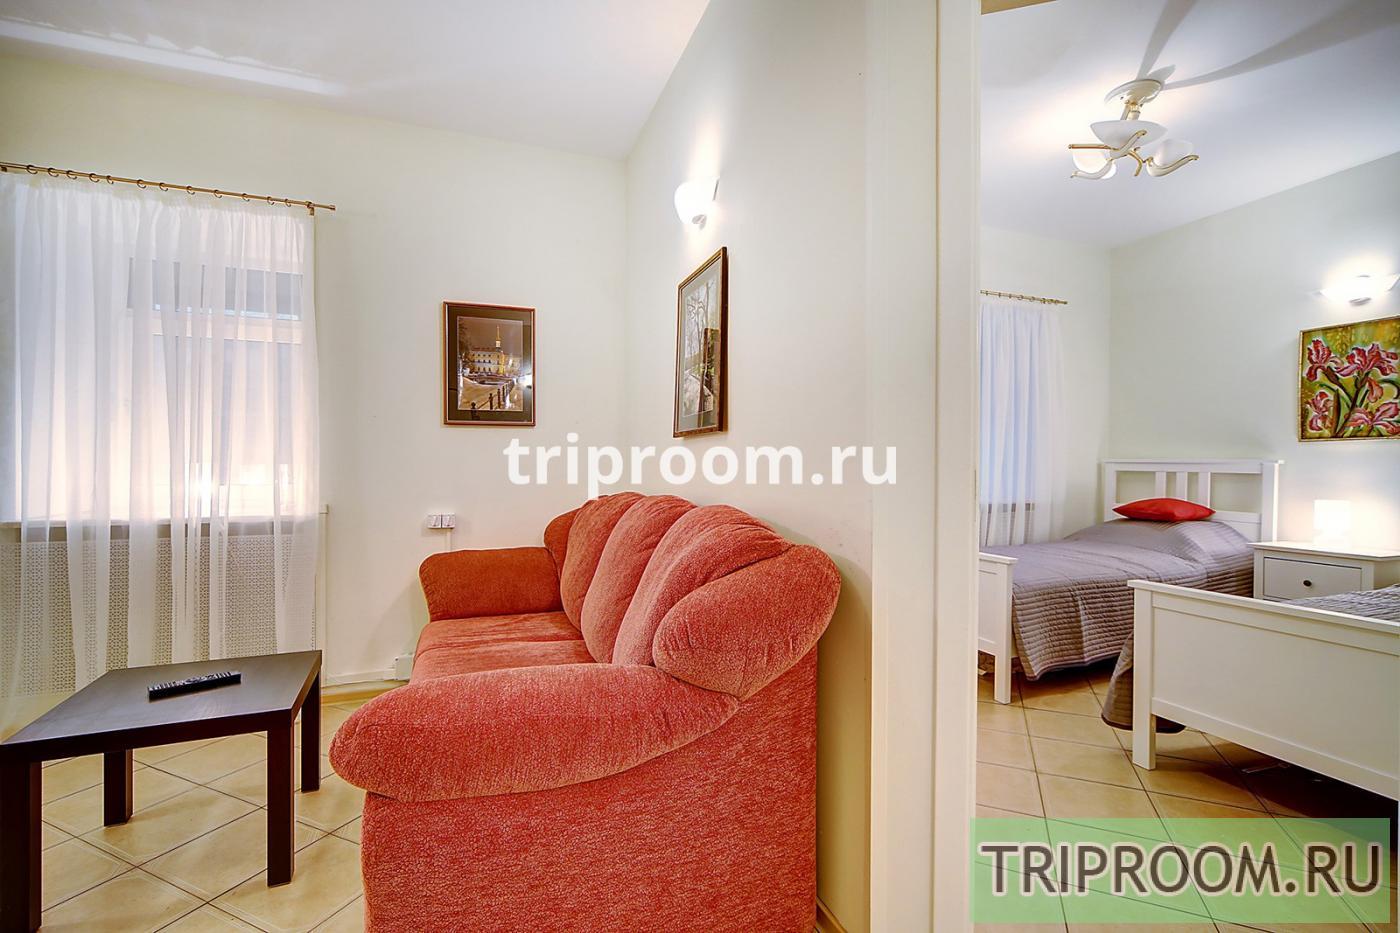 3-комнатная квартира посуточно (вариант № 14749), ул. Большая Конюшенная улица, фото № 11